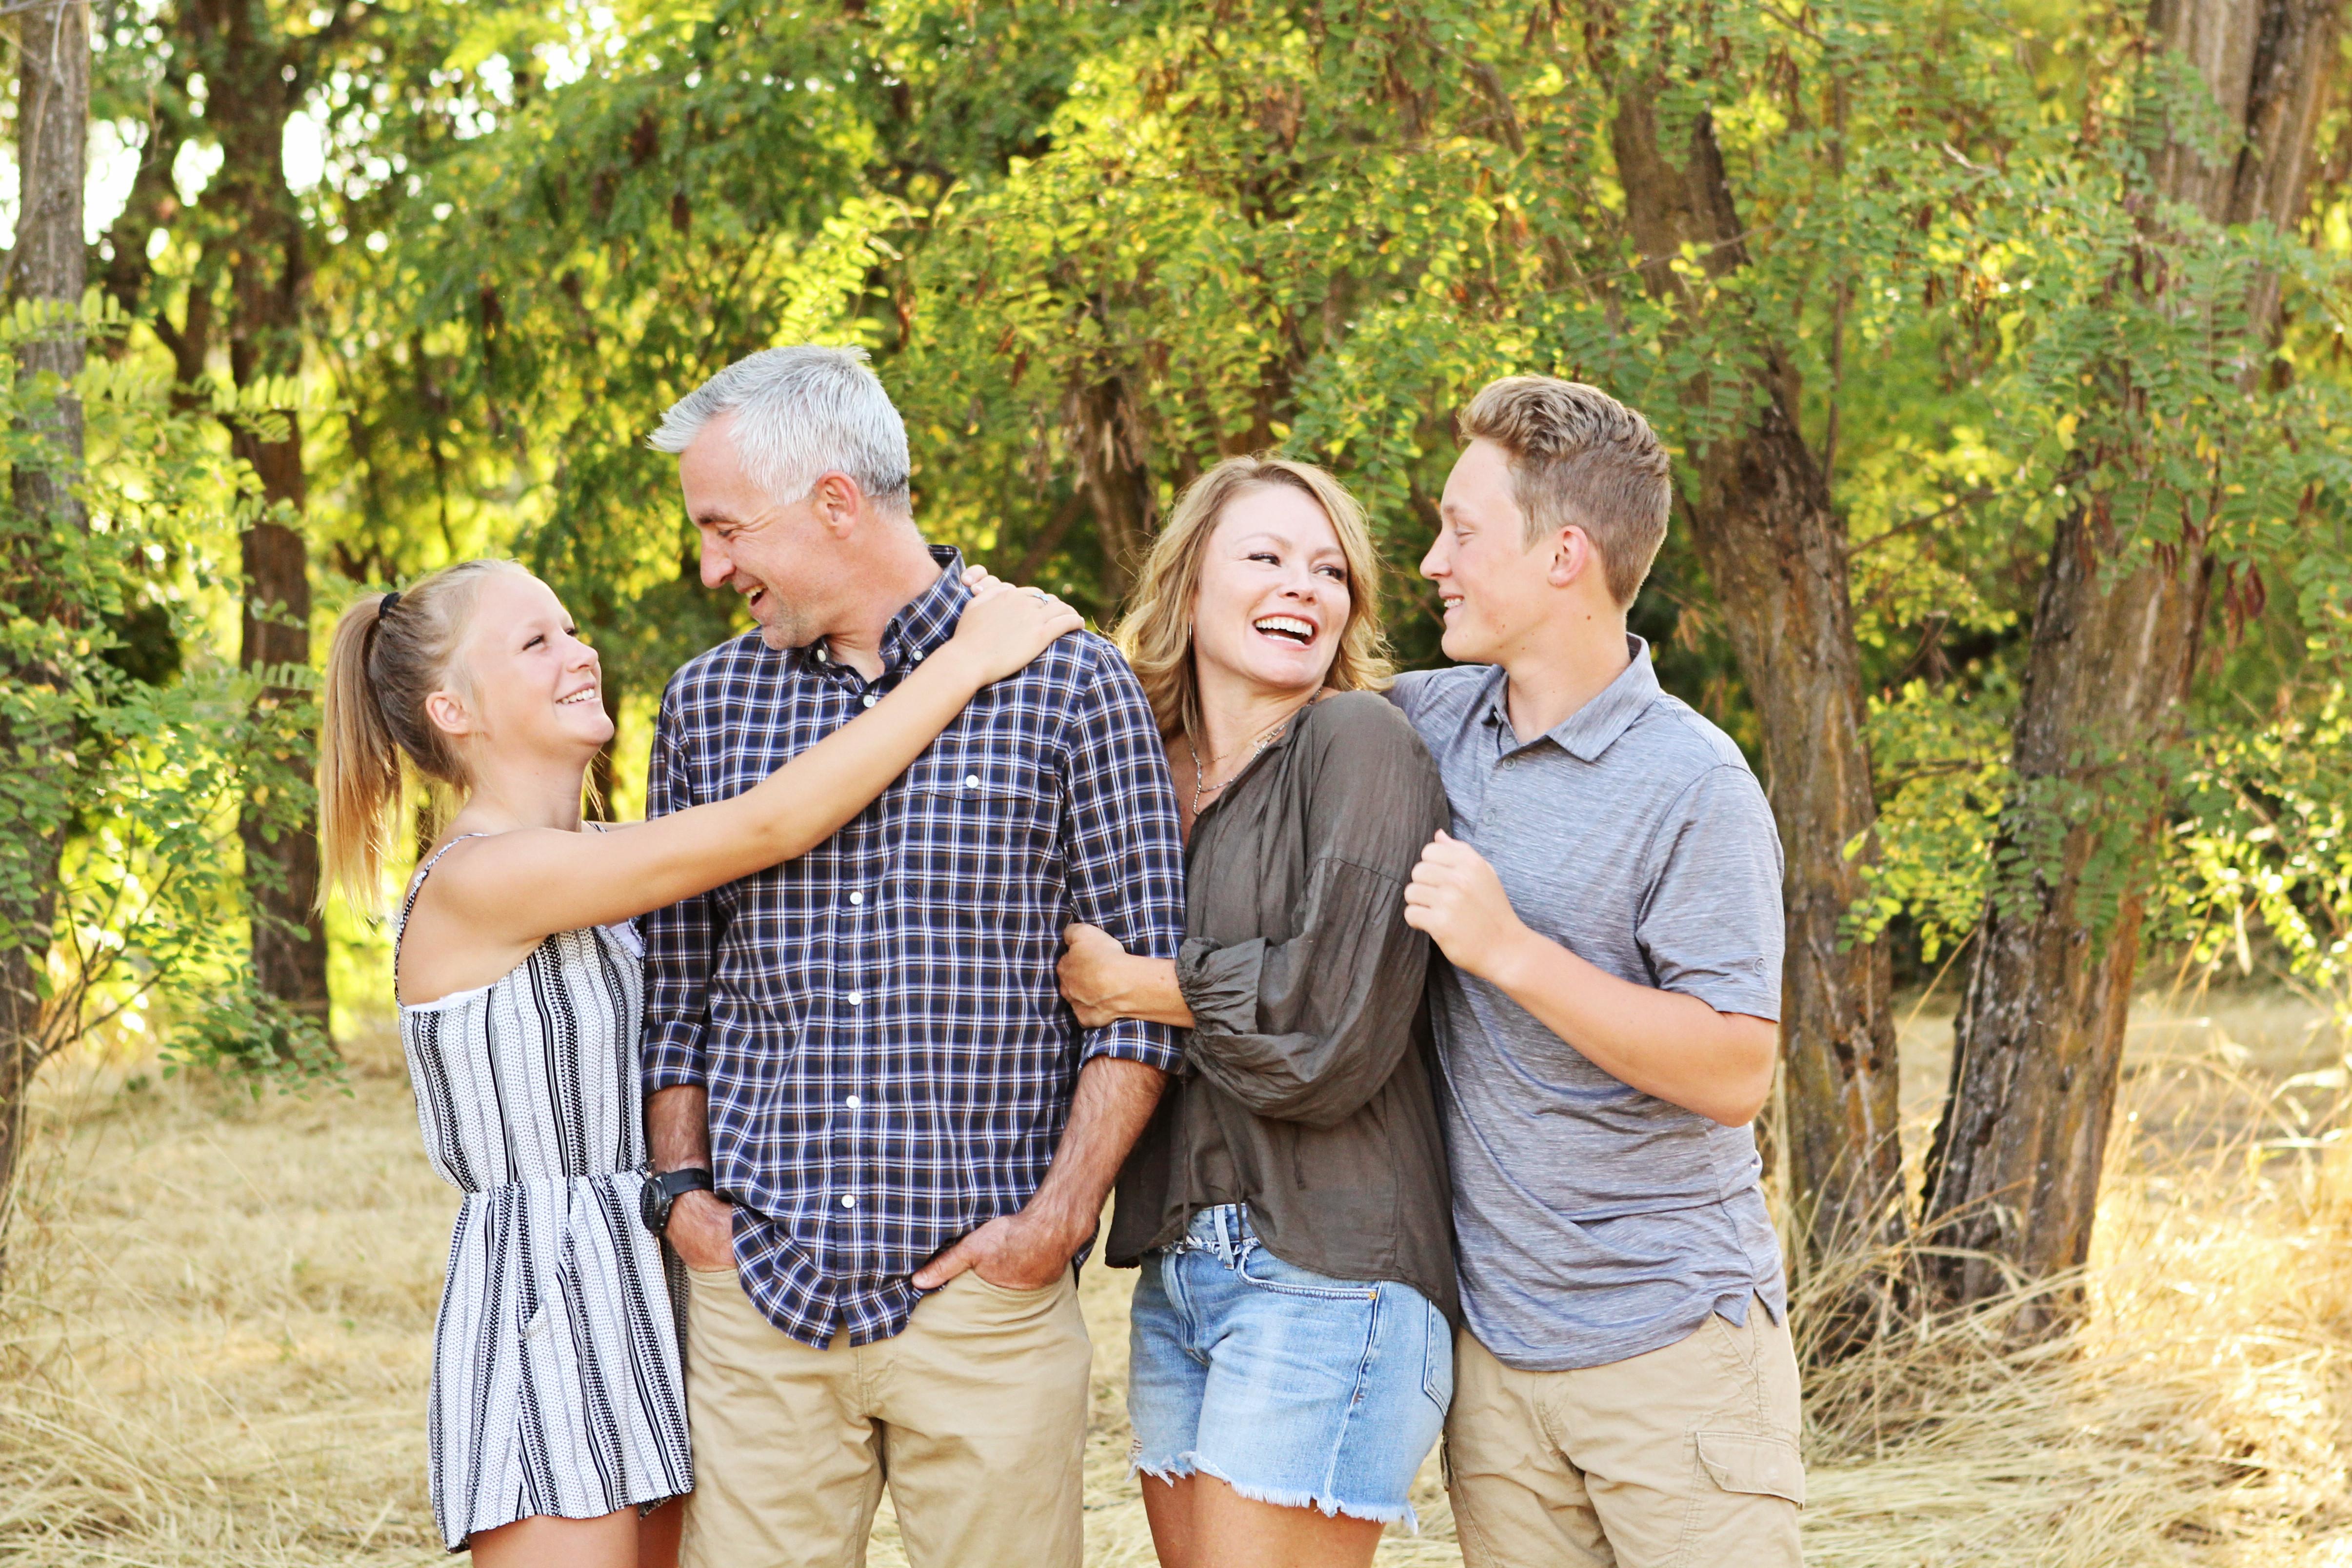 Family Photography (45-60min)